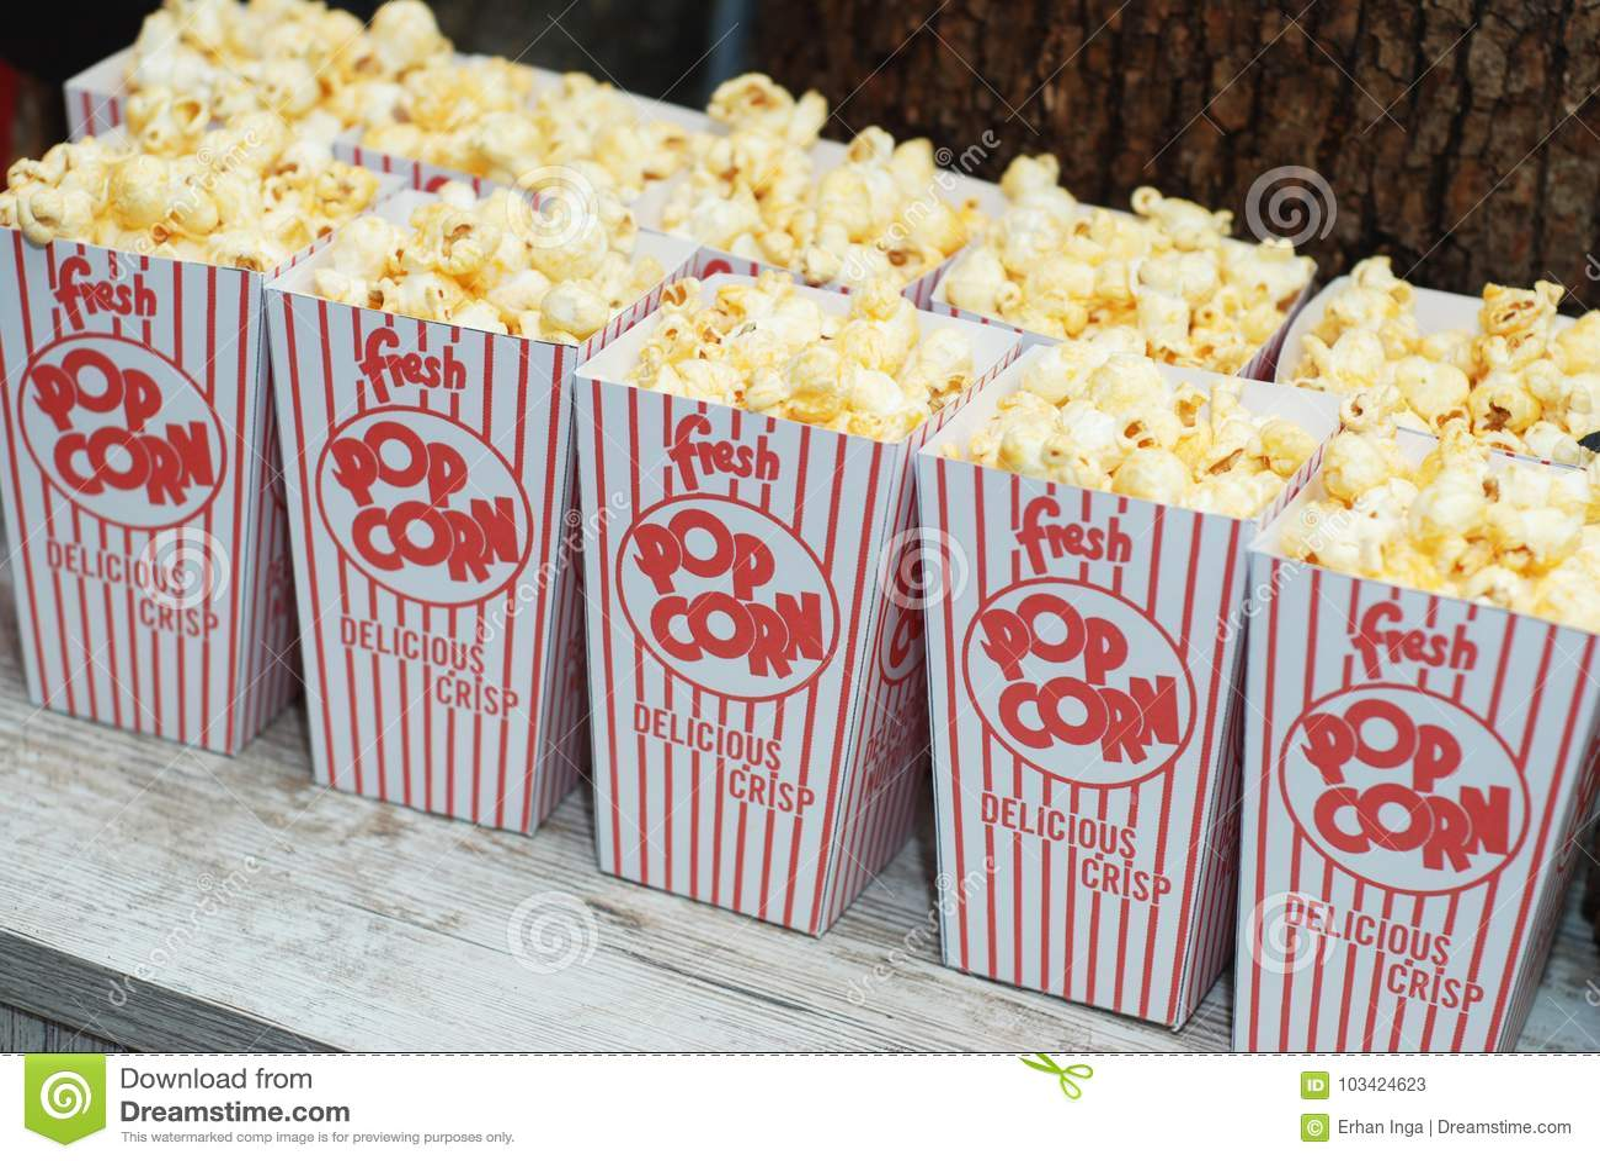 Κλασικό κιβώτιο του κόκκινου και άσπρου Popcorn κιβωτίου ενάντια στο πρόχειρο φαγητό κόμματος Τρόφιμα